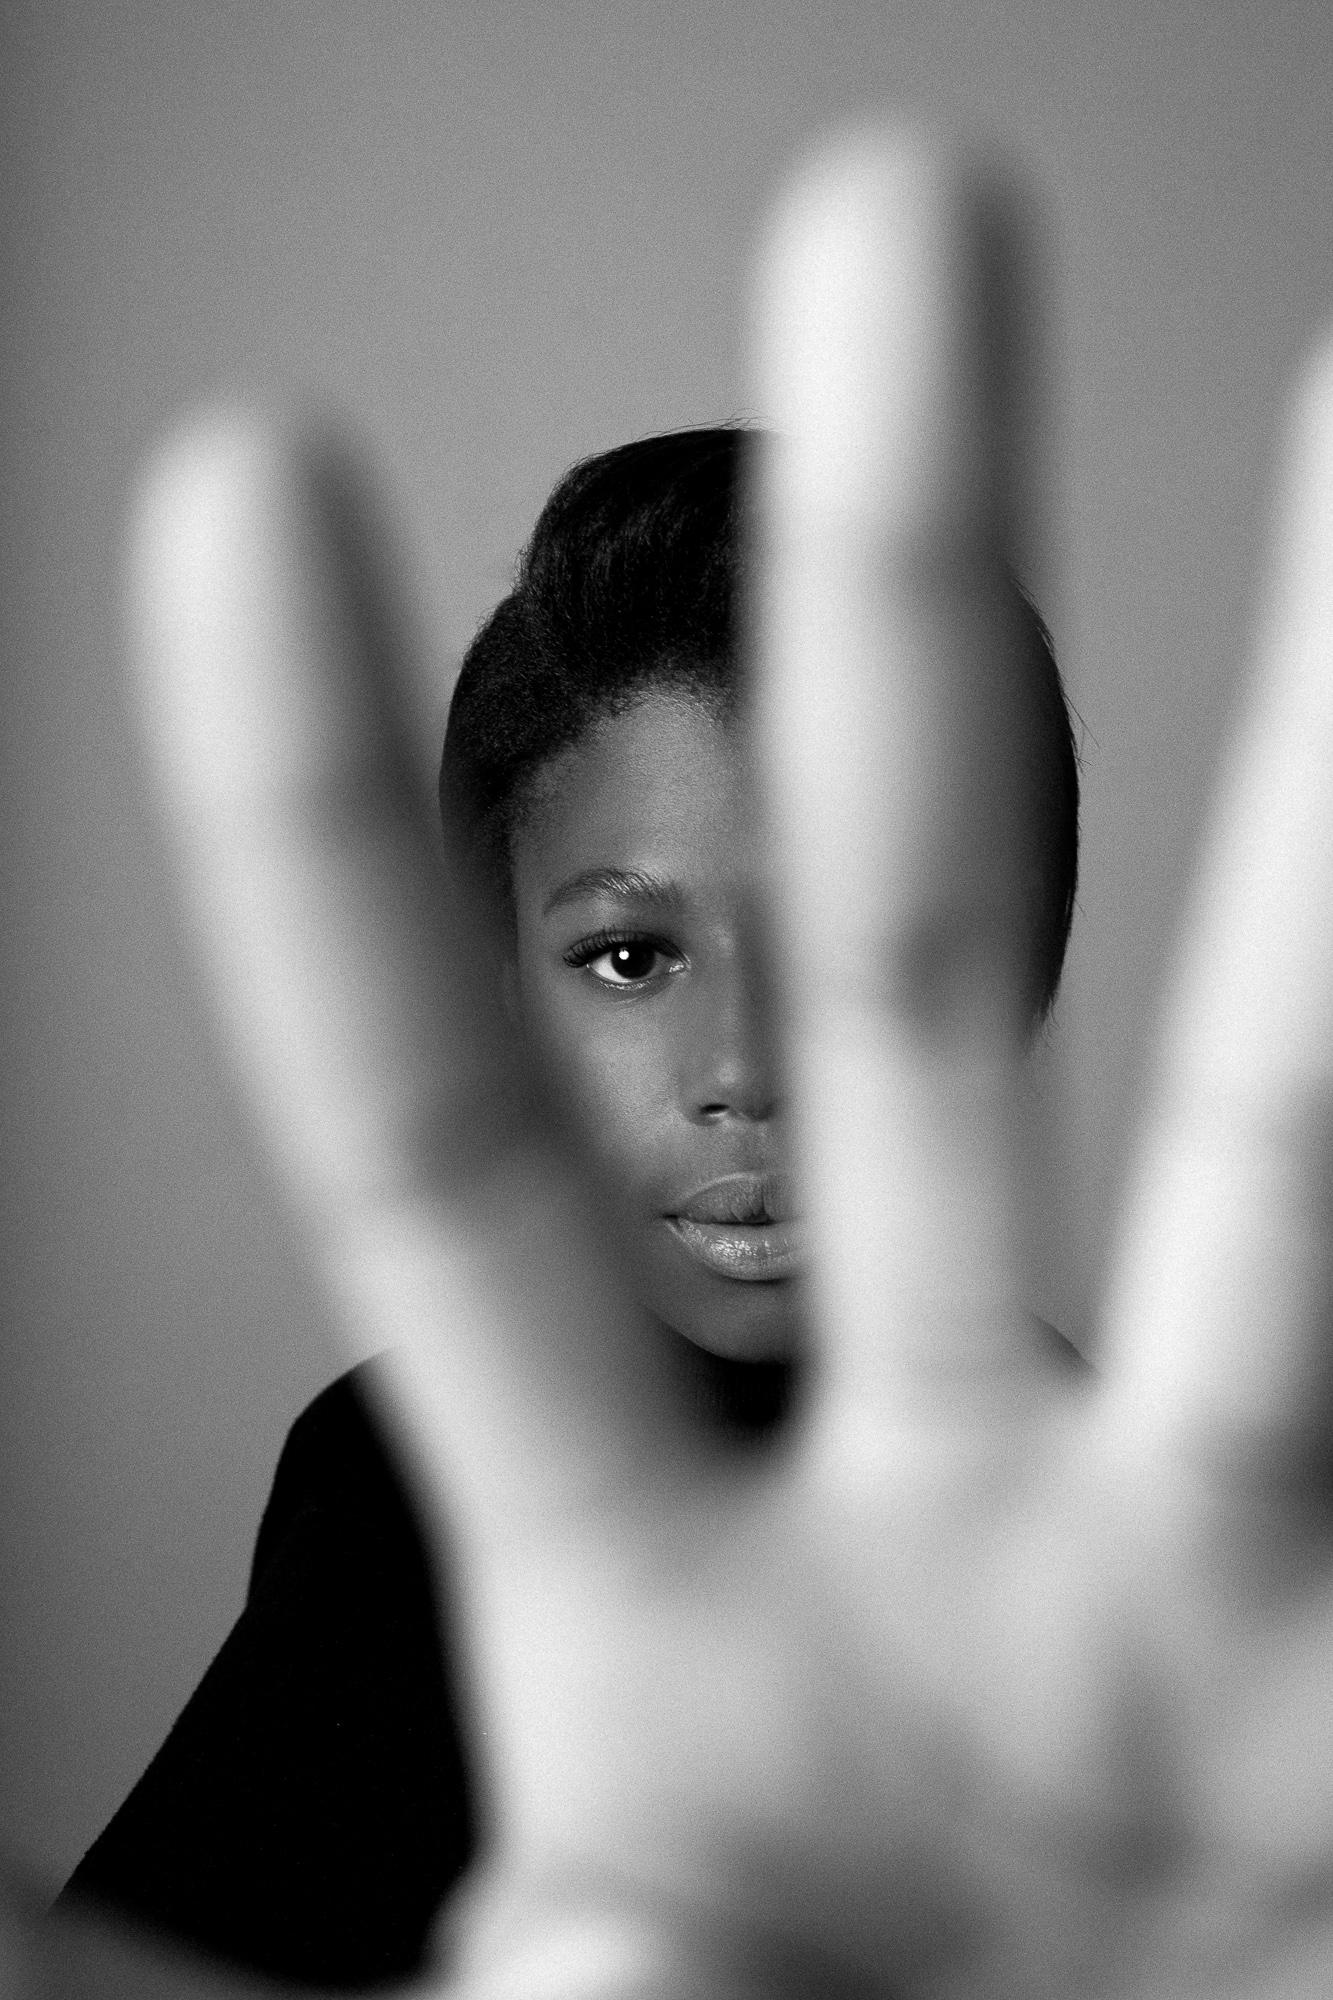 PHOTOGRAPHE PORTRAIT ACTEUR CHANTEUR CELEBRITE LYON PARIS FRANCE-27